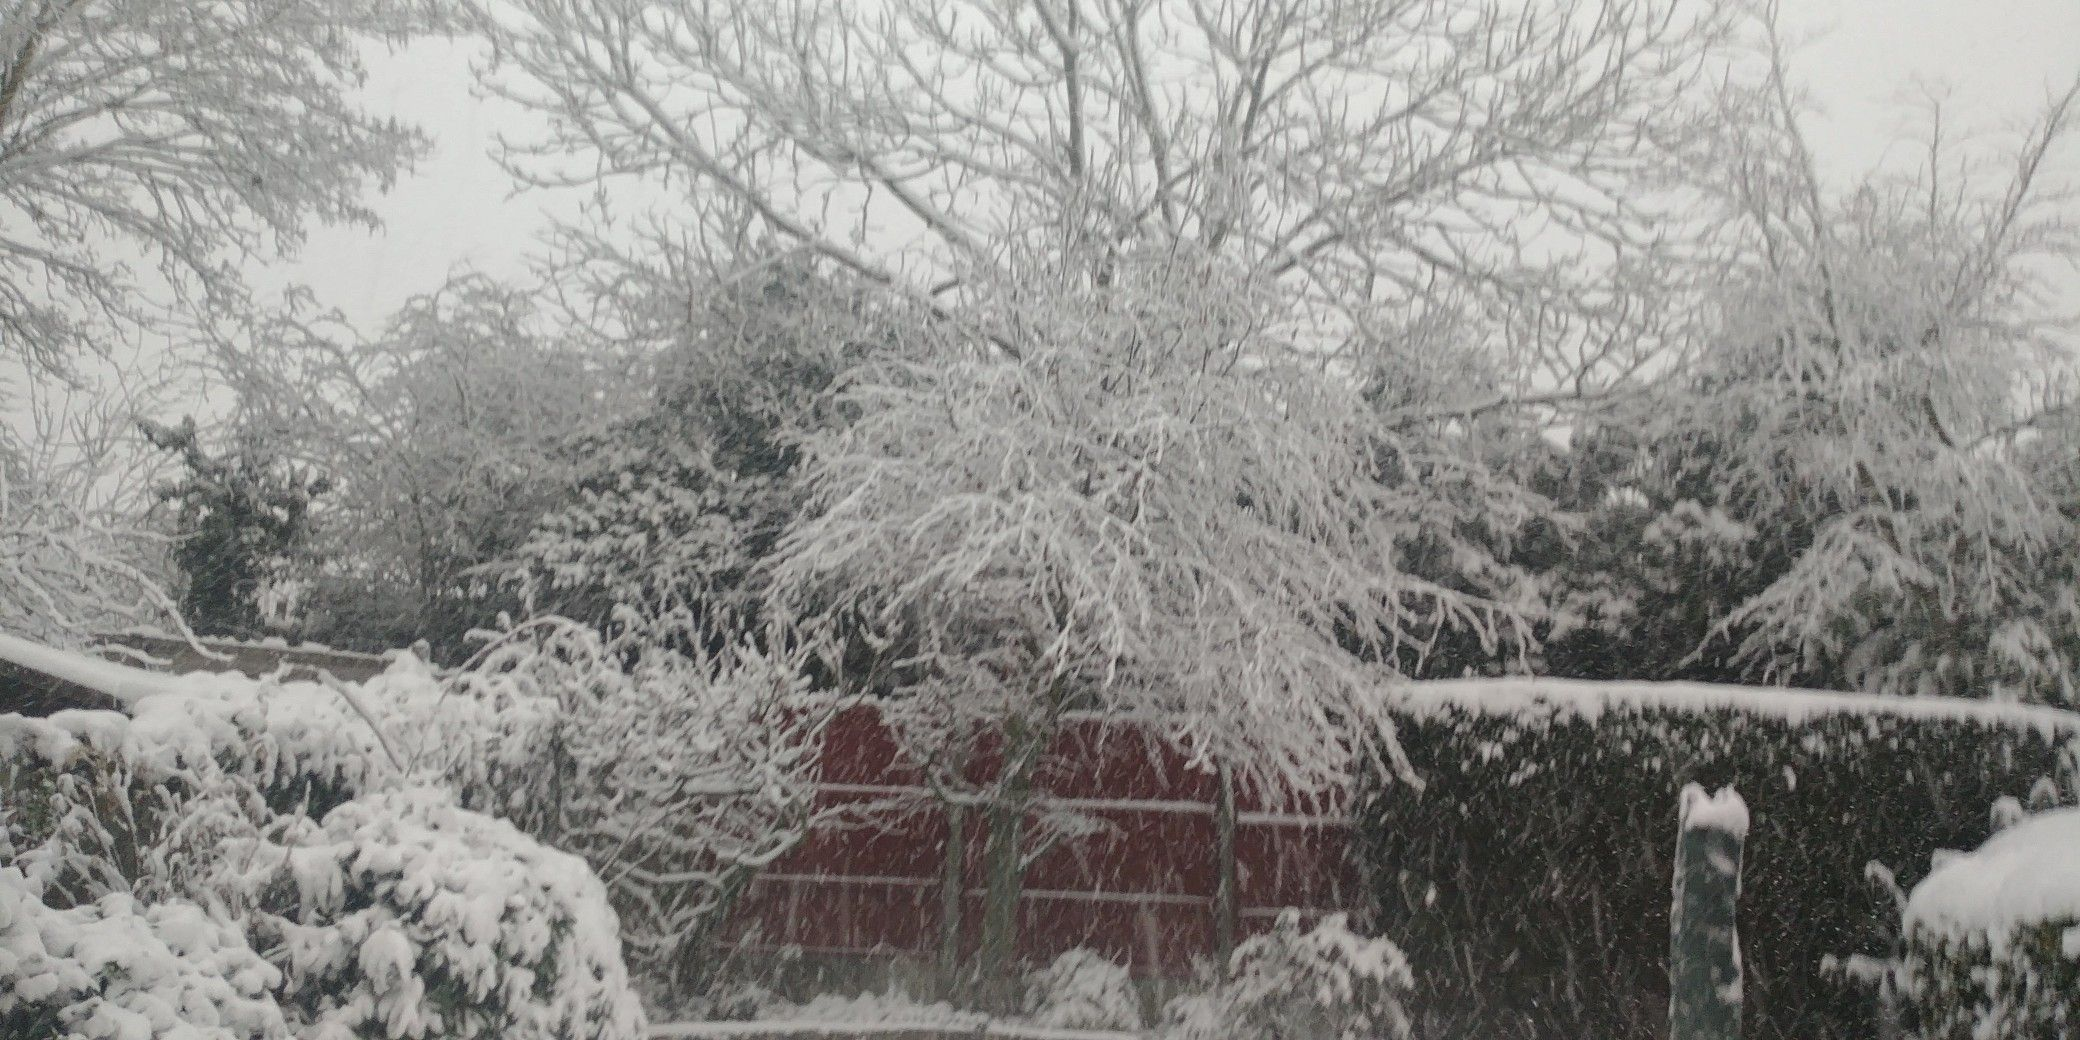 pablo neruda winter garden